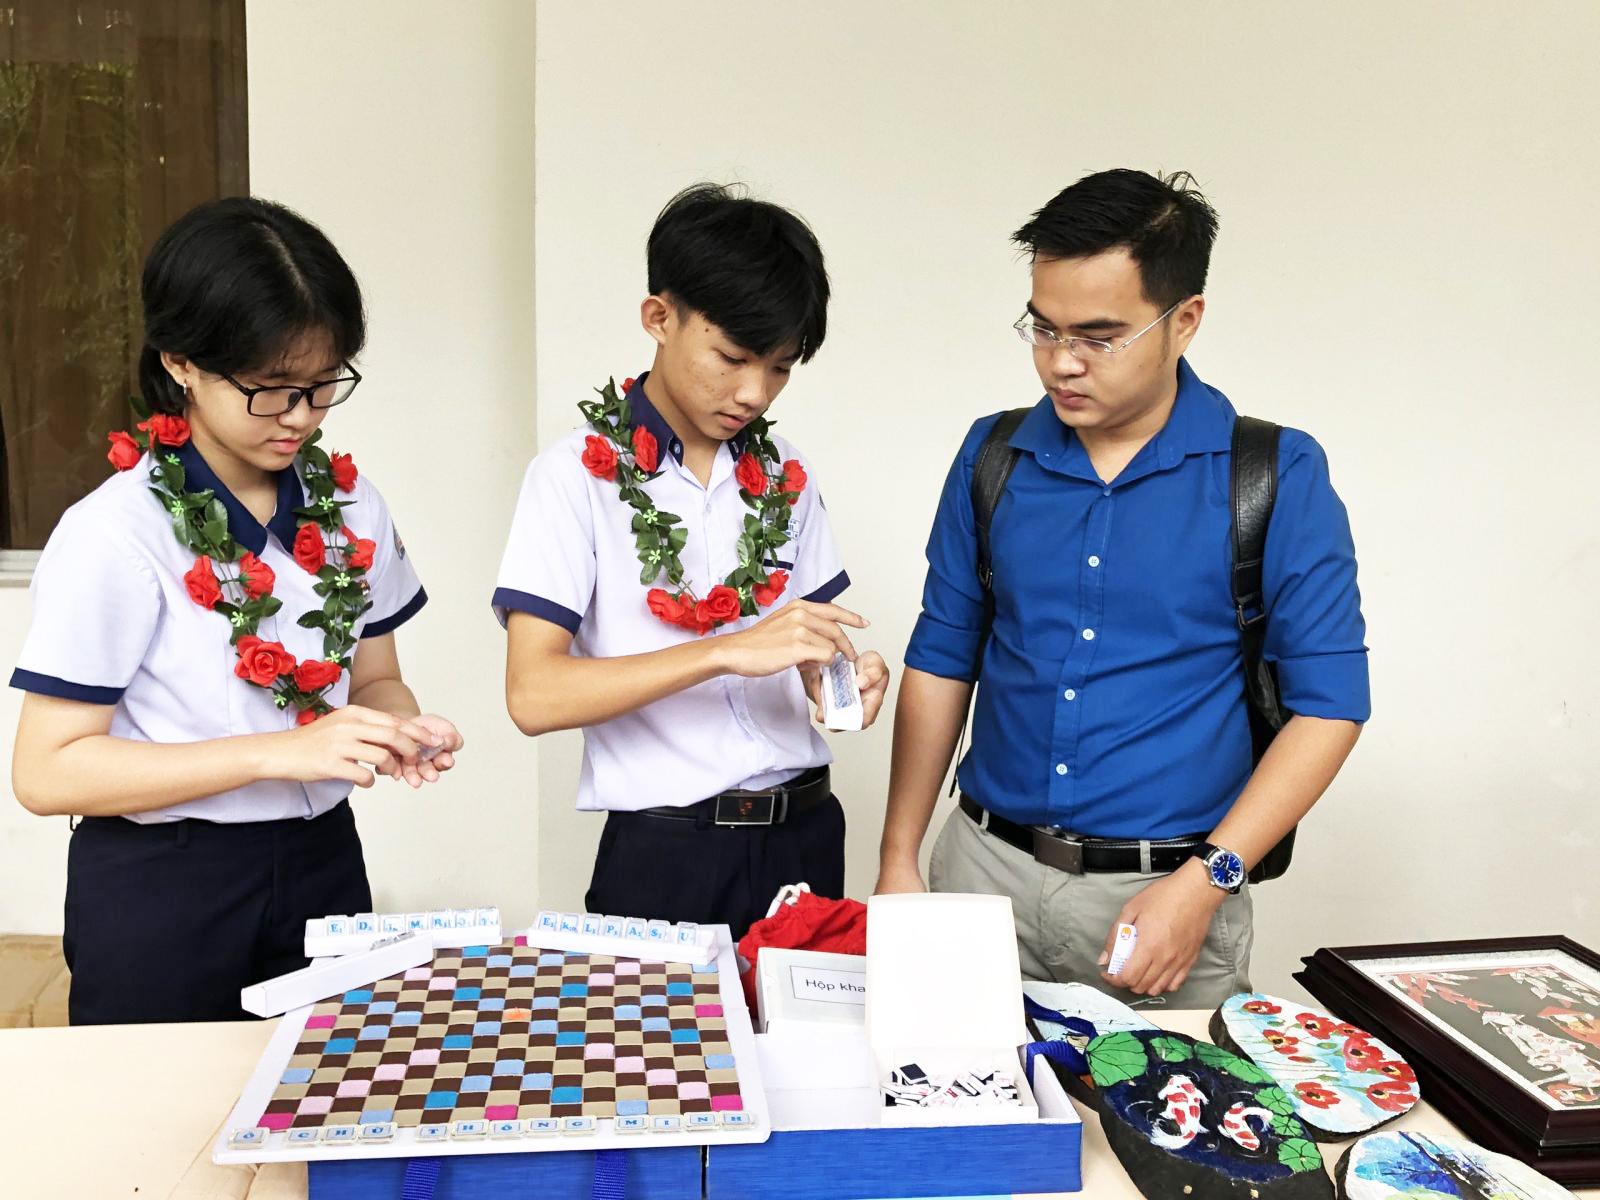 """Mô hình """"Ô chữ thông minh"""" của nhóm học sinh Trường THCS Lê Bình, quận Cái Răng, là một trong năm mô hình, giải pháp đạt giải Nhất của cuộc thi """"Sáng tạo thanh thiếu niên, nhi đồng"""" TP Cần Thơ năm học 2018-2019."""